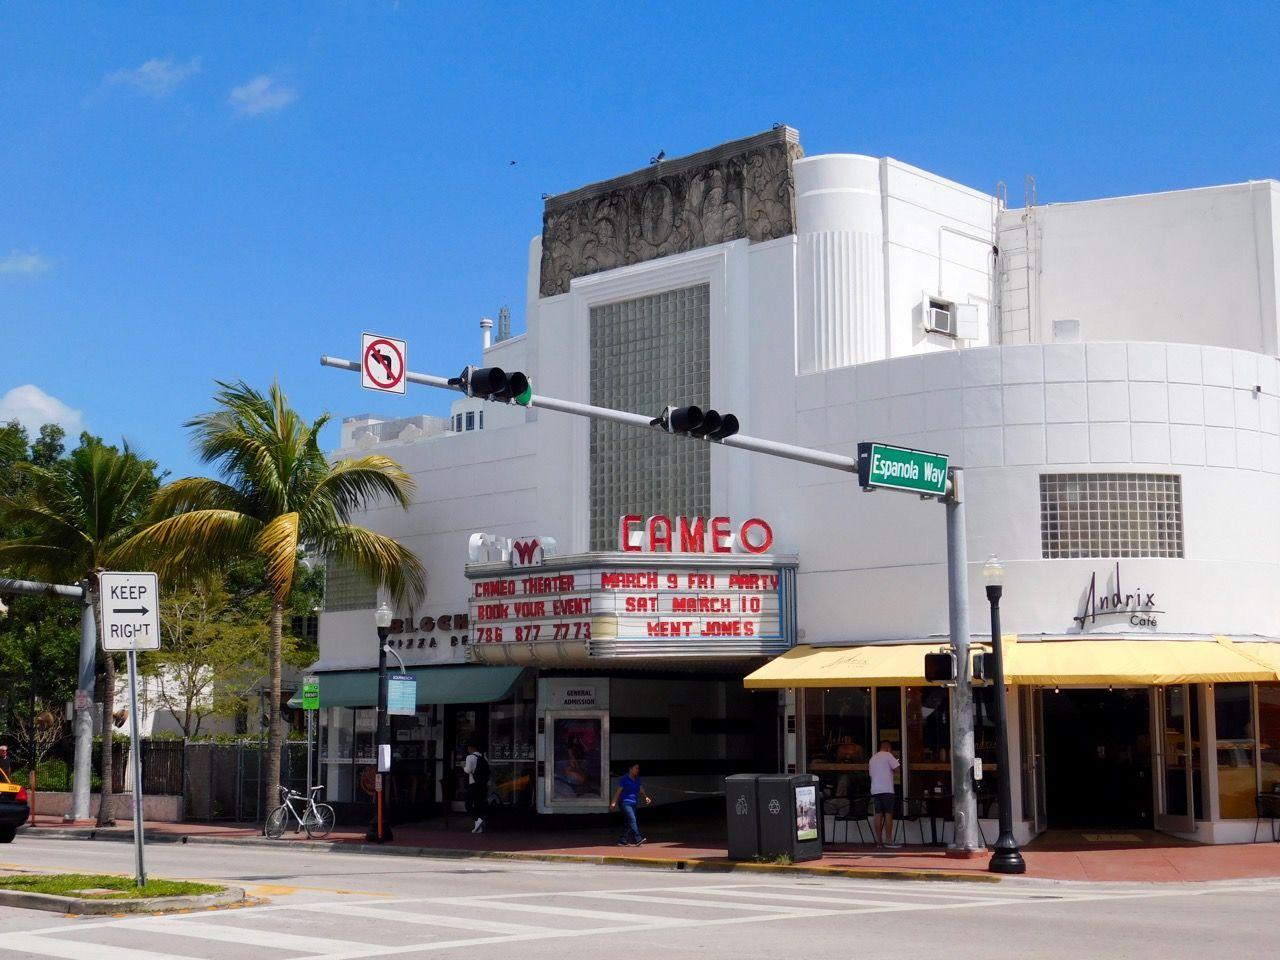 Le Cameo Theater, de style art déco, sur Collins Avenue à South Beach / Miami Beach